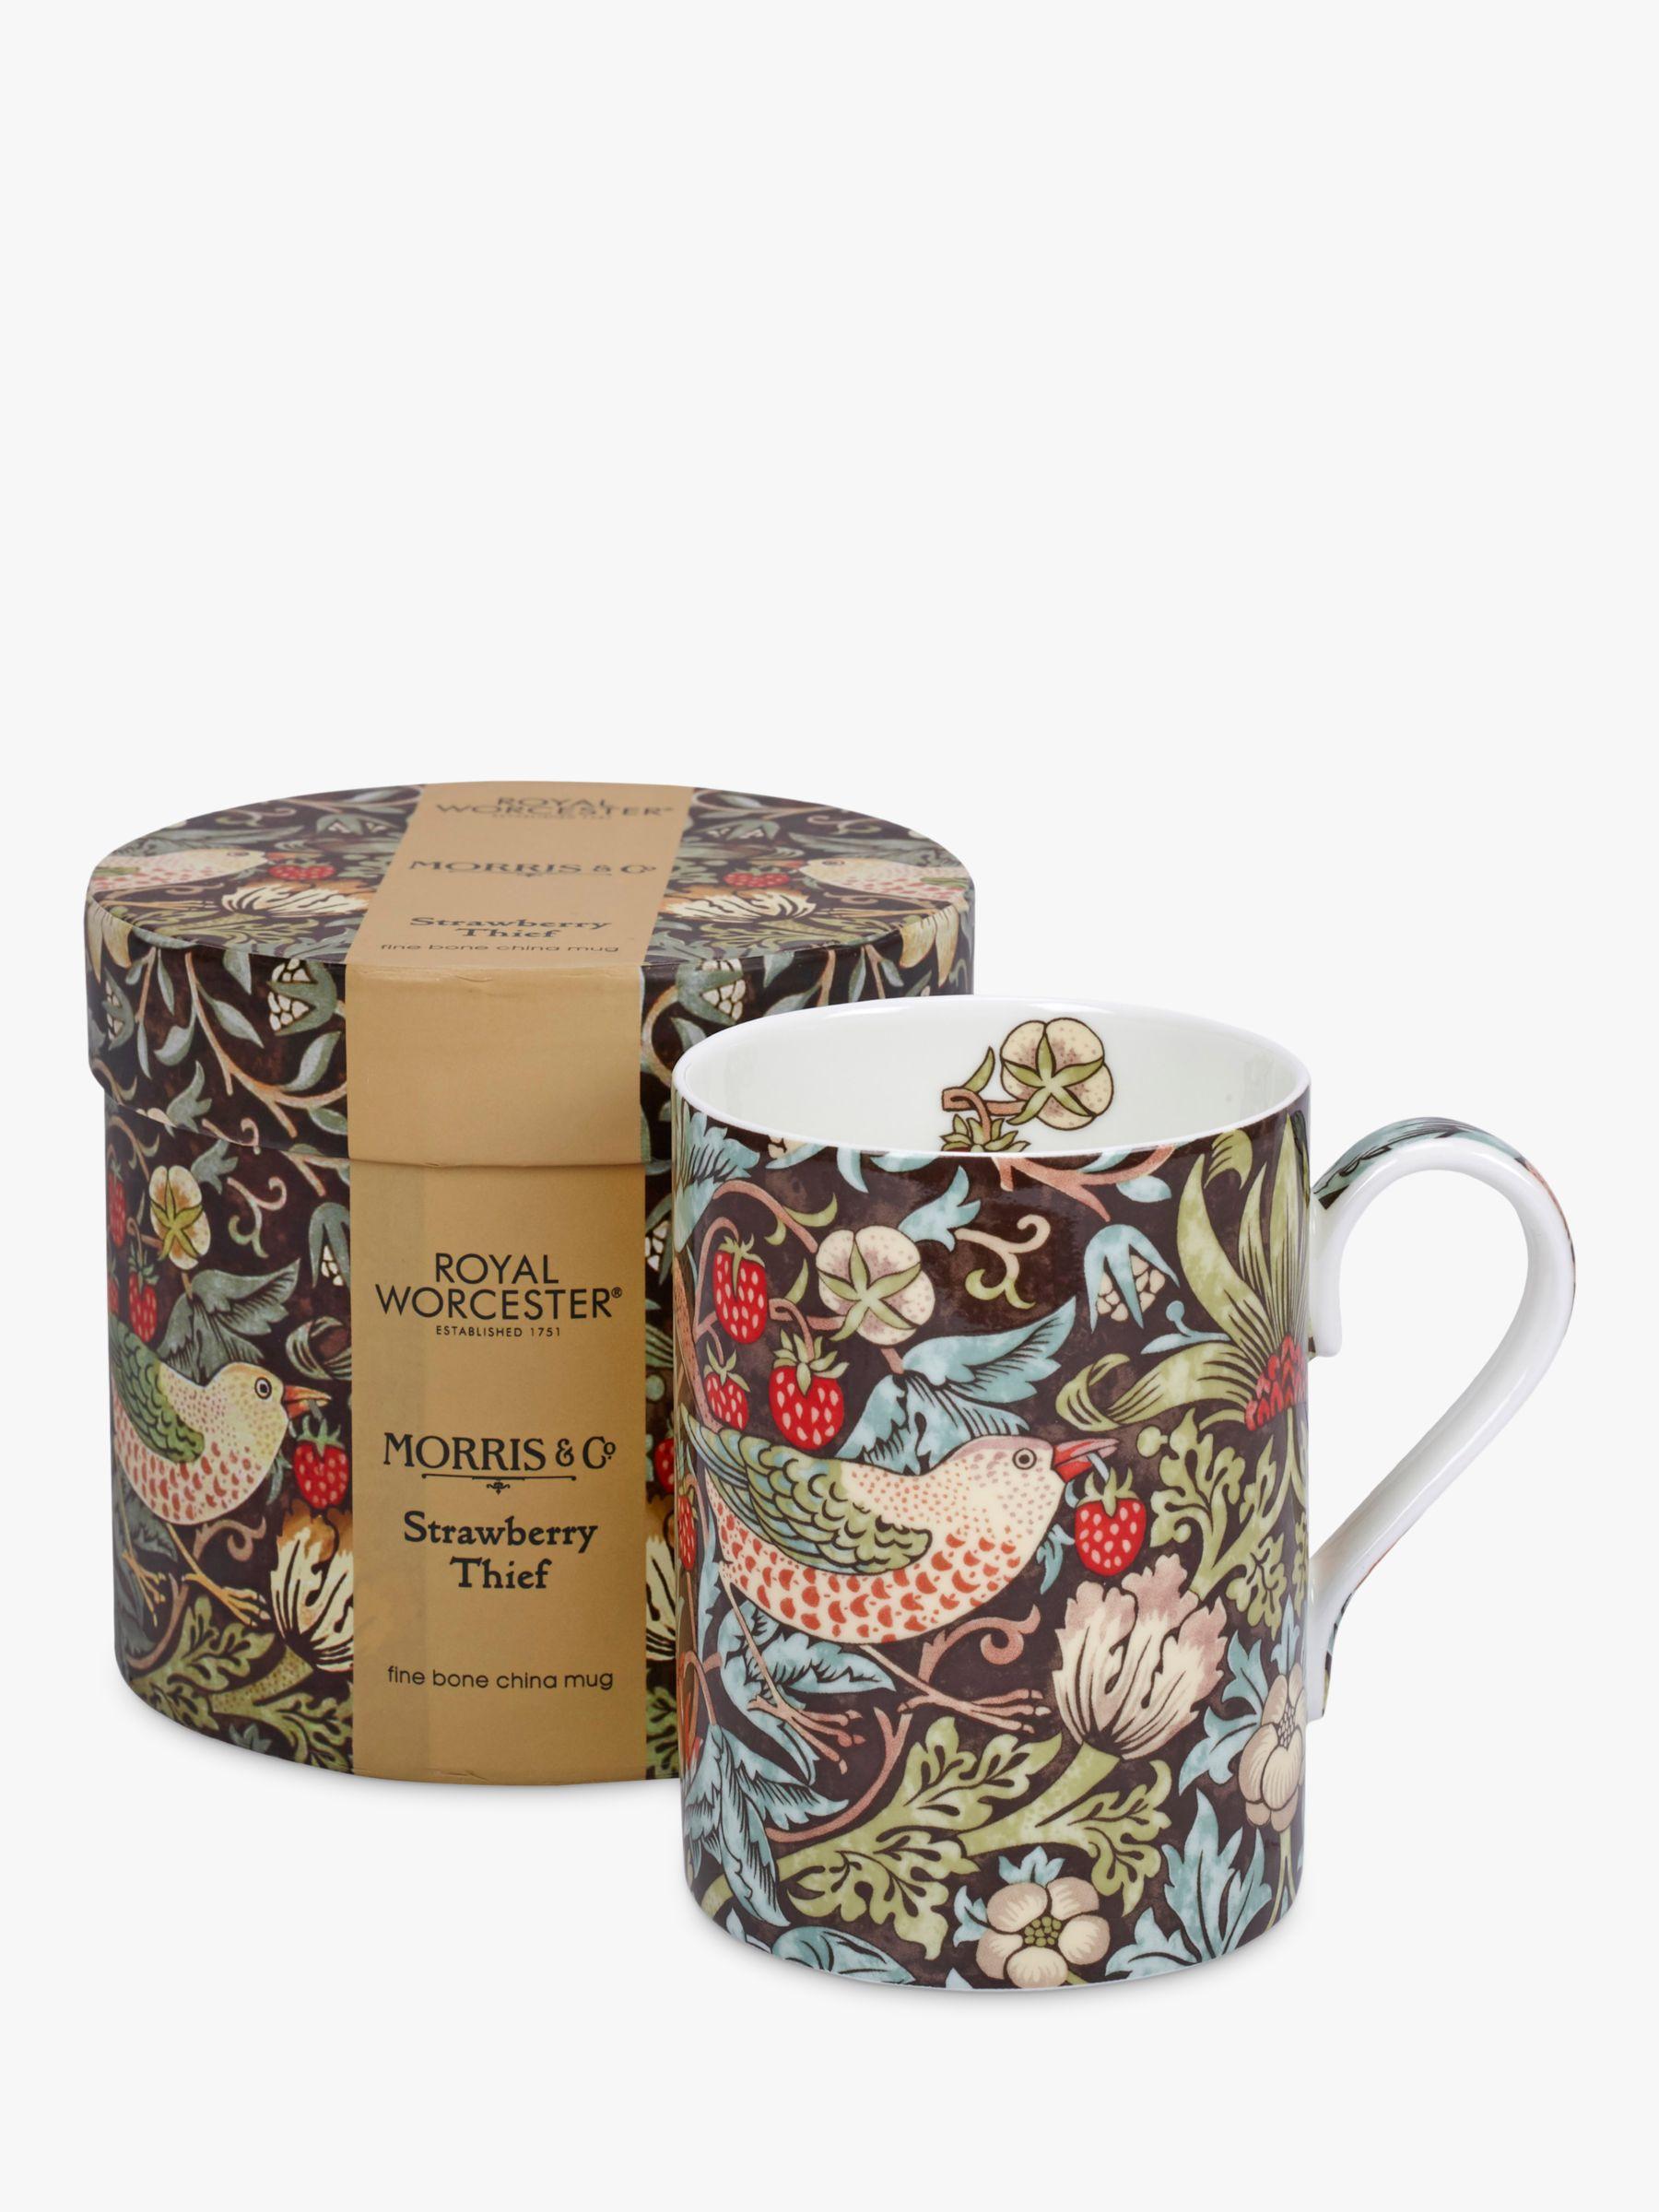 Morris & Co. Strawberry Thief Mug, 350ml